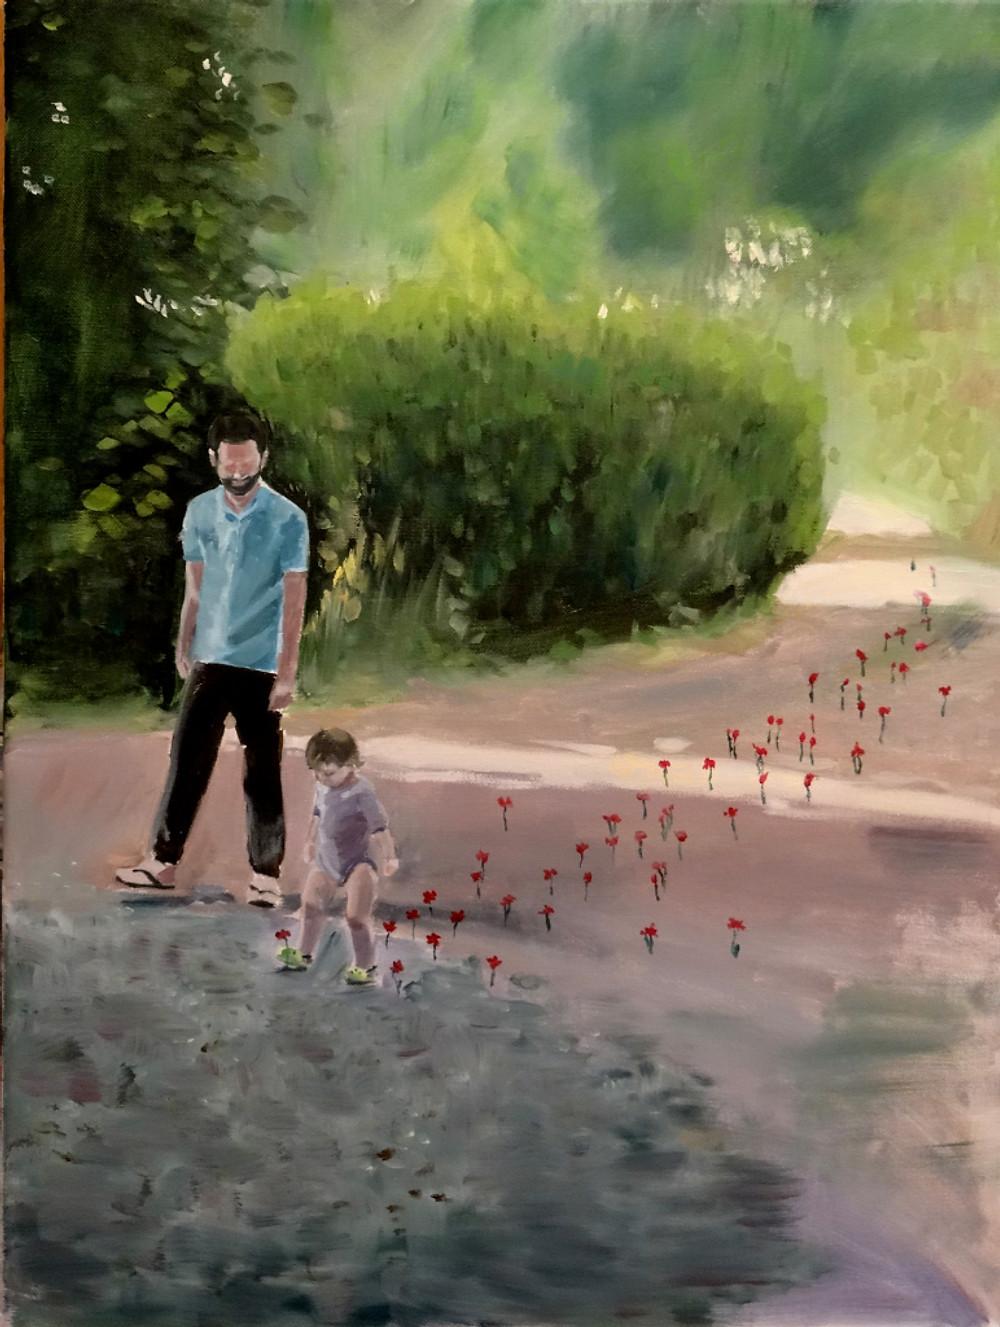 14/06/2015 La Fée - Huile sur toile 60 x 45 cm